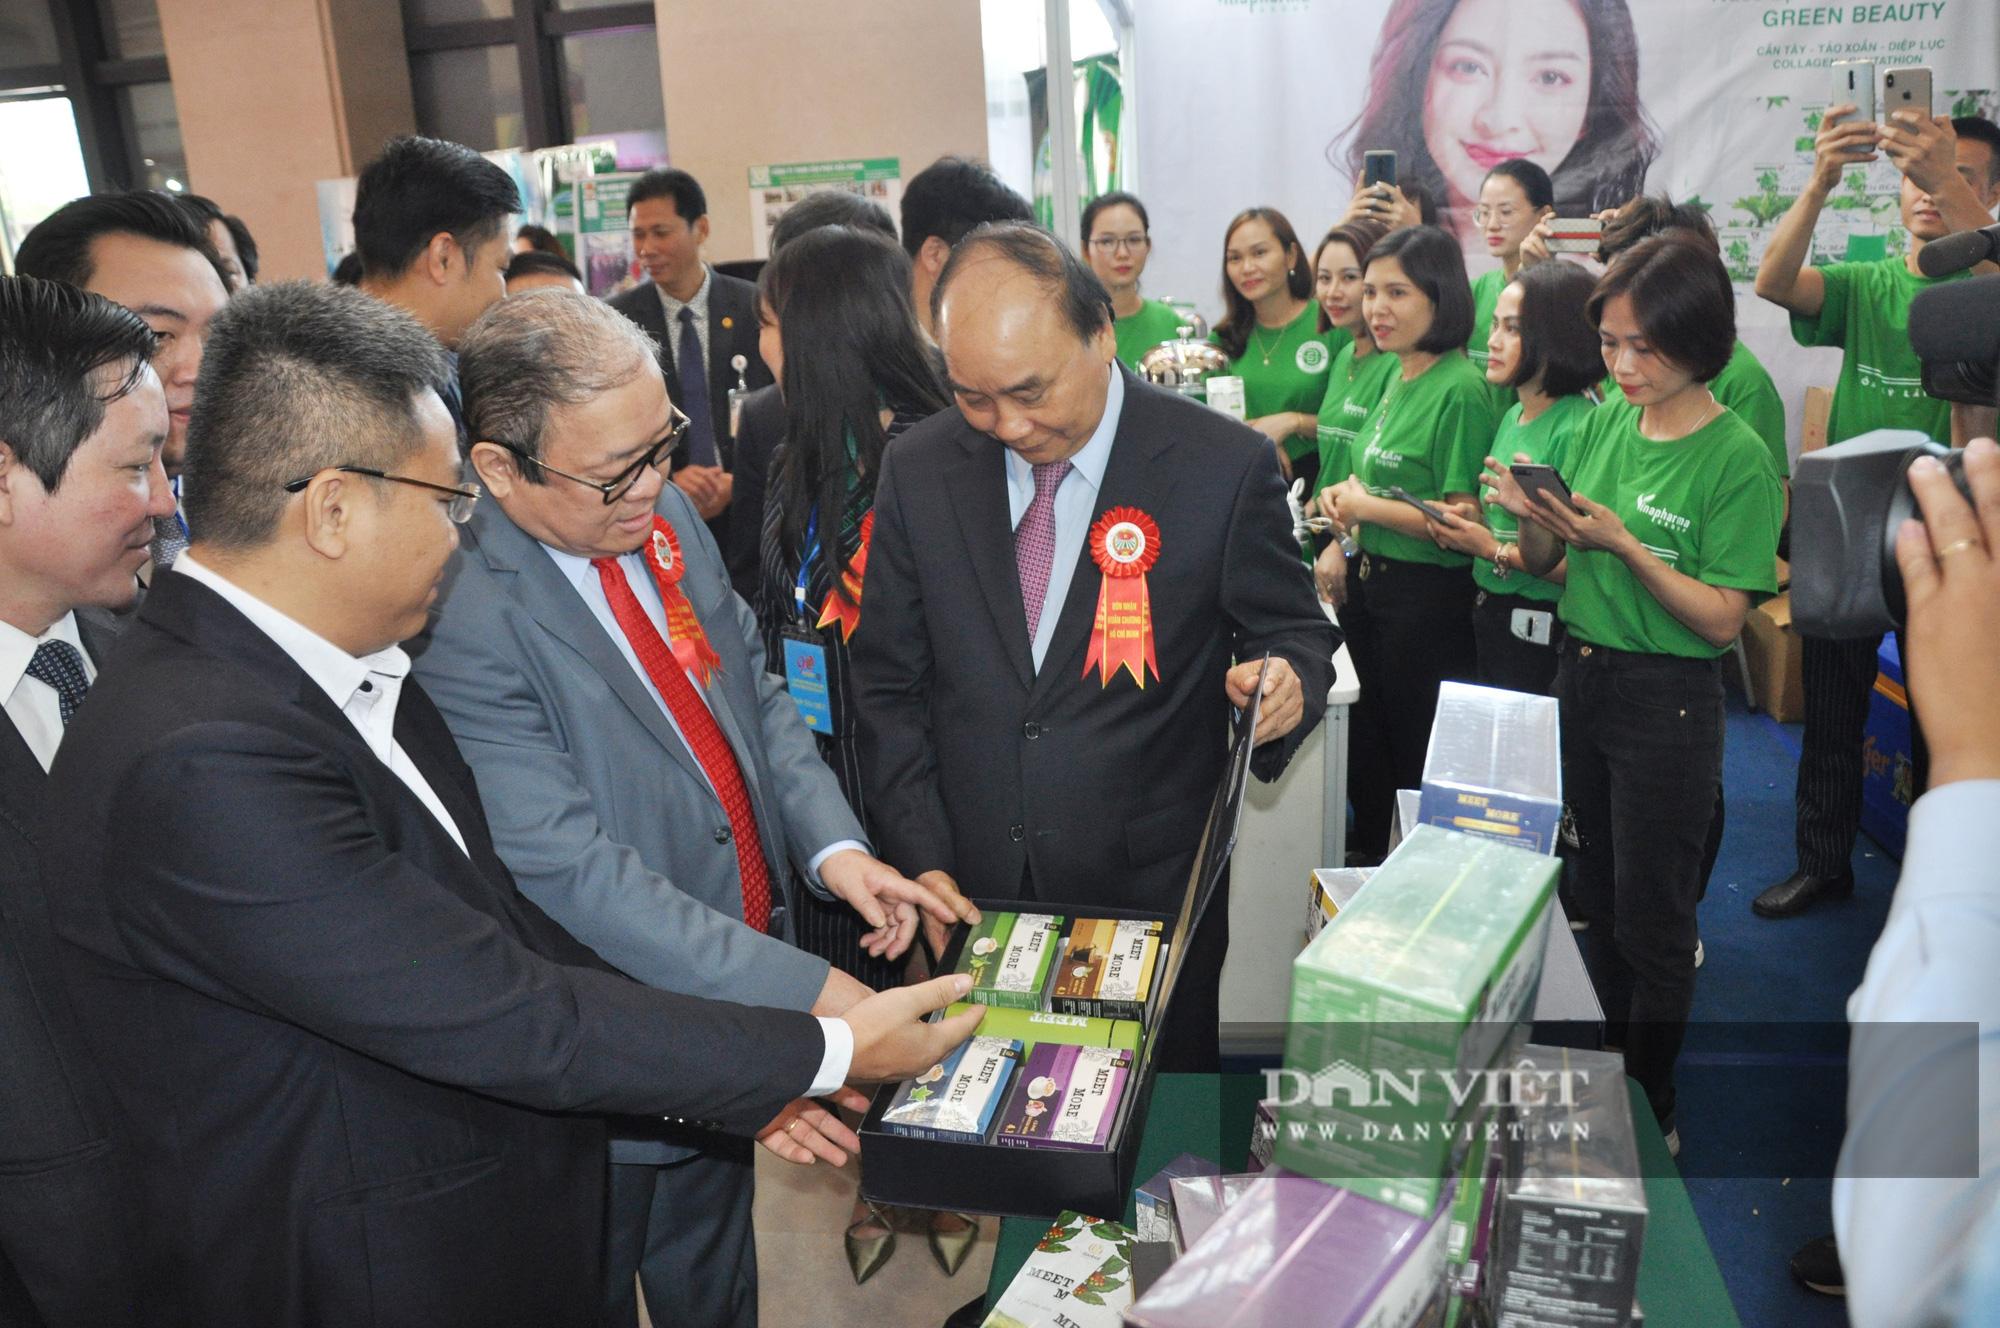 Thủ tướng khen ngợi sản phẩm hữu cơ độc đáo tại Lễ kỷ niệm 90 năm ngày thành lập Hội Nông dân Việt Nam - Ảnh 3.